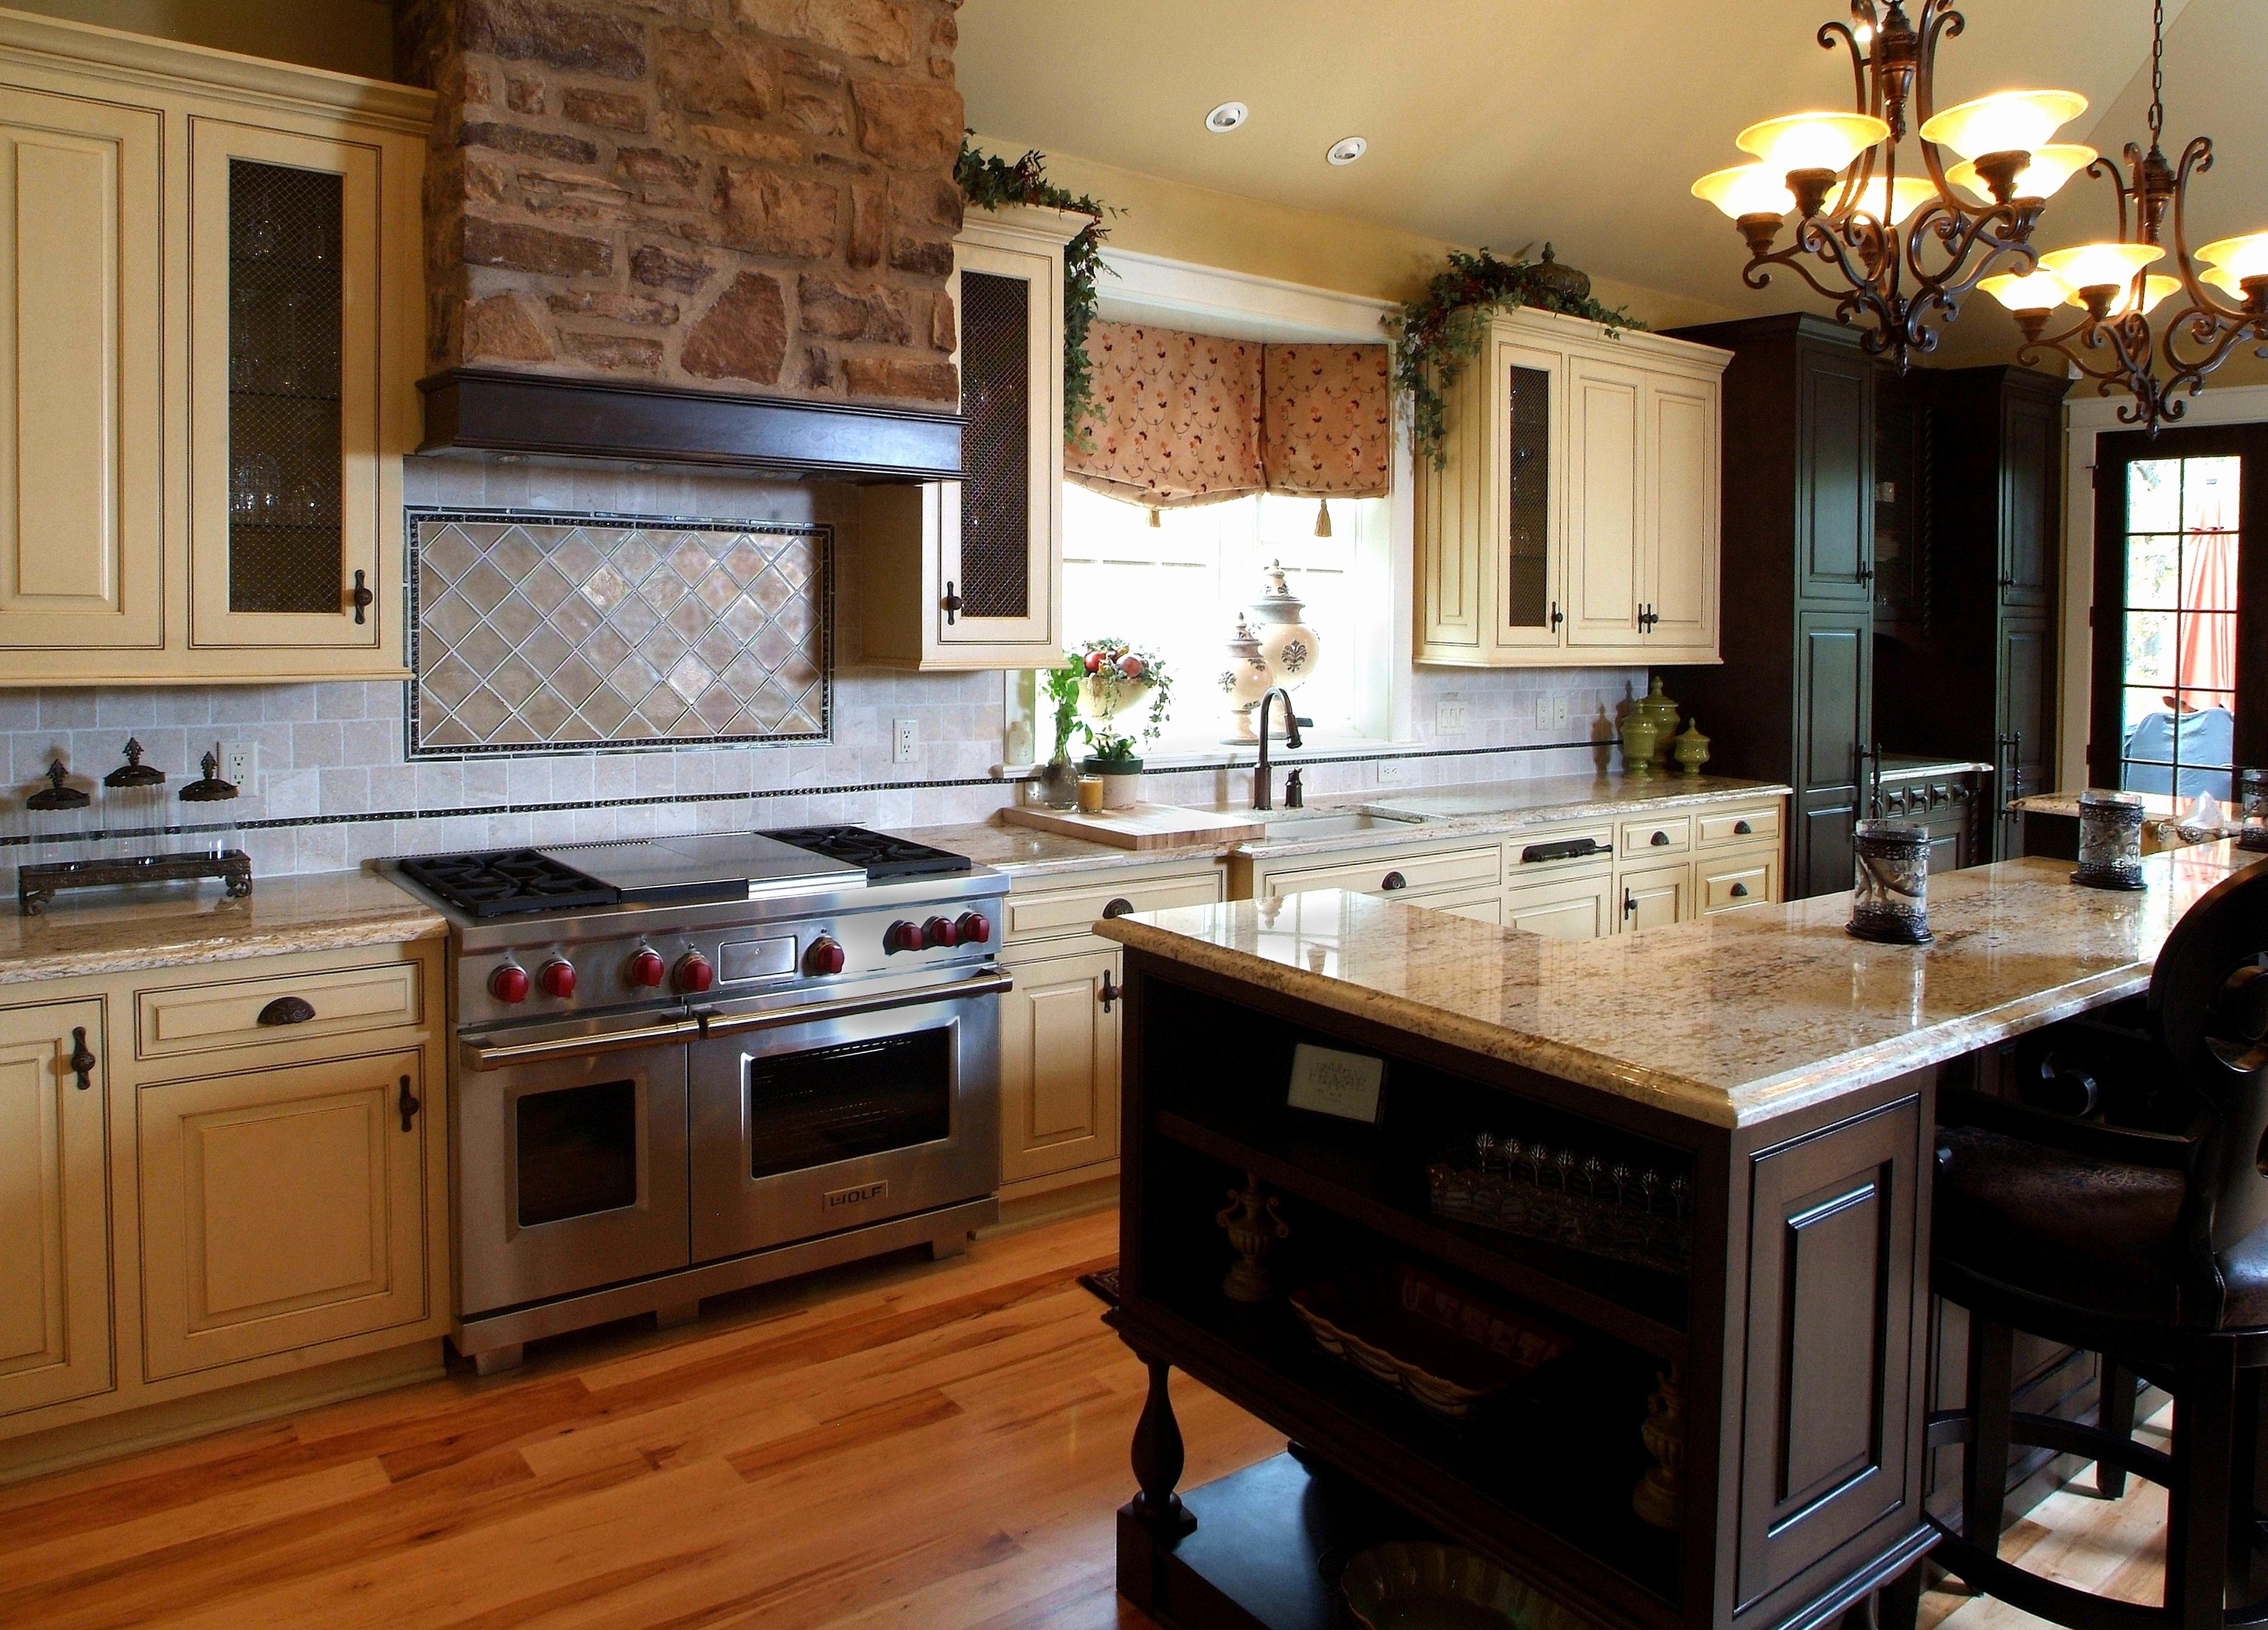 menards hardwood flooring sale of 18 unique menards kitchen design stock dizpos com regarding menards kitchen design best of fresh menards kitchen design gallery of 18 unique menards kitchen design